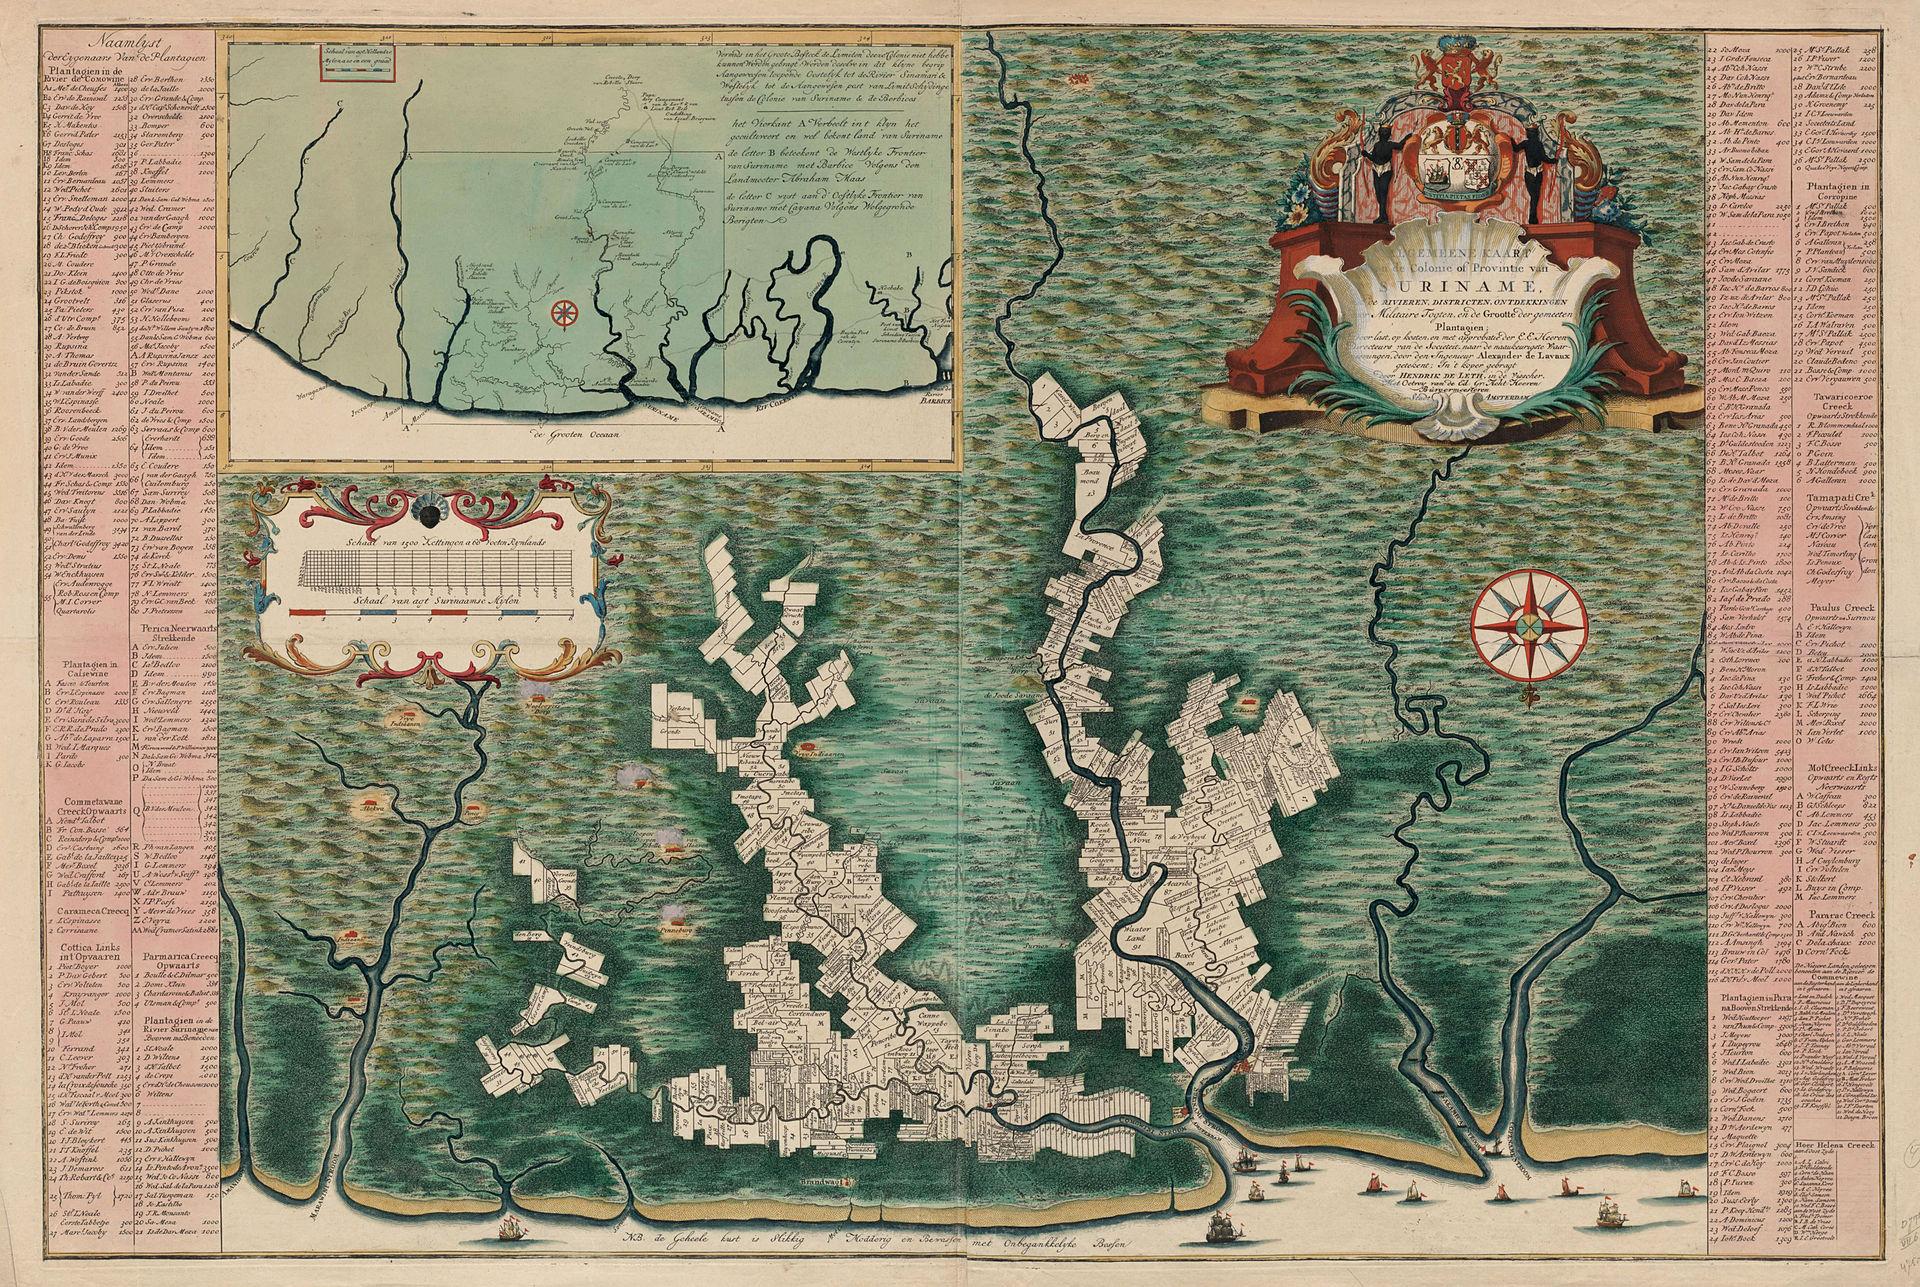 Algemene kaart van Suriname, Alexander de Lavaux, Hendrik de Leth, Directeurs van de Sociëteit van Suriname, 1737, Rijksmuseum.